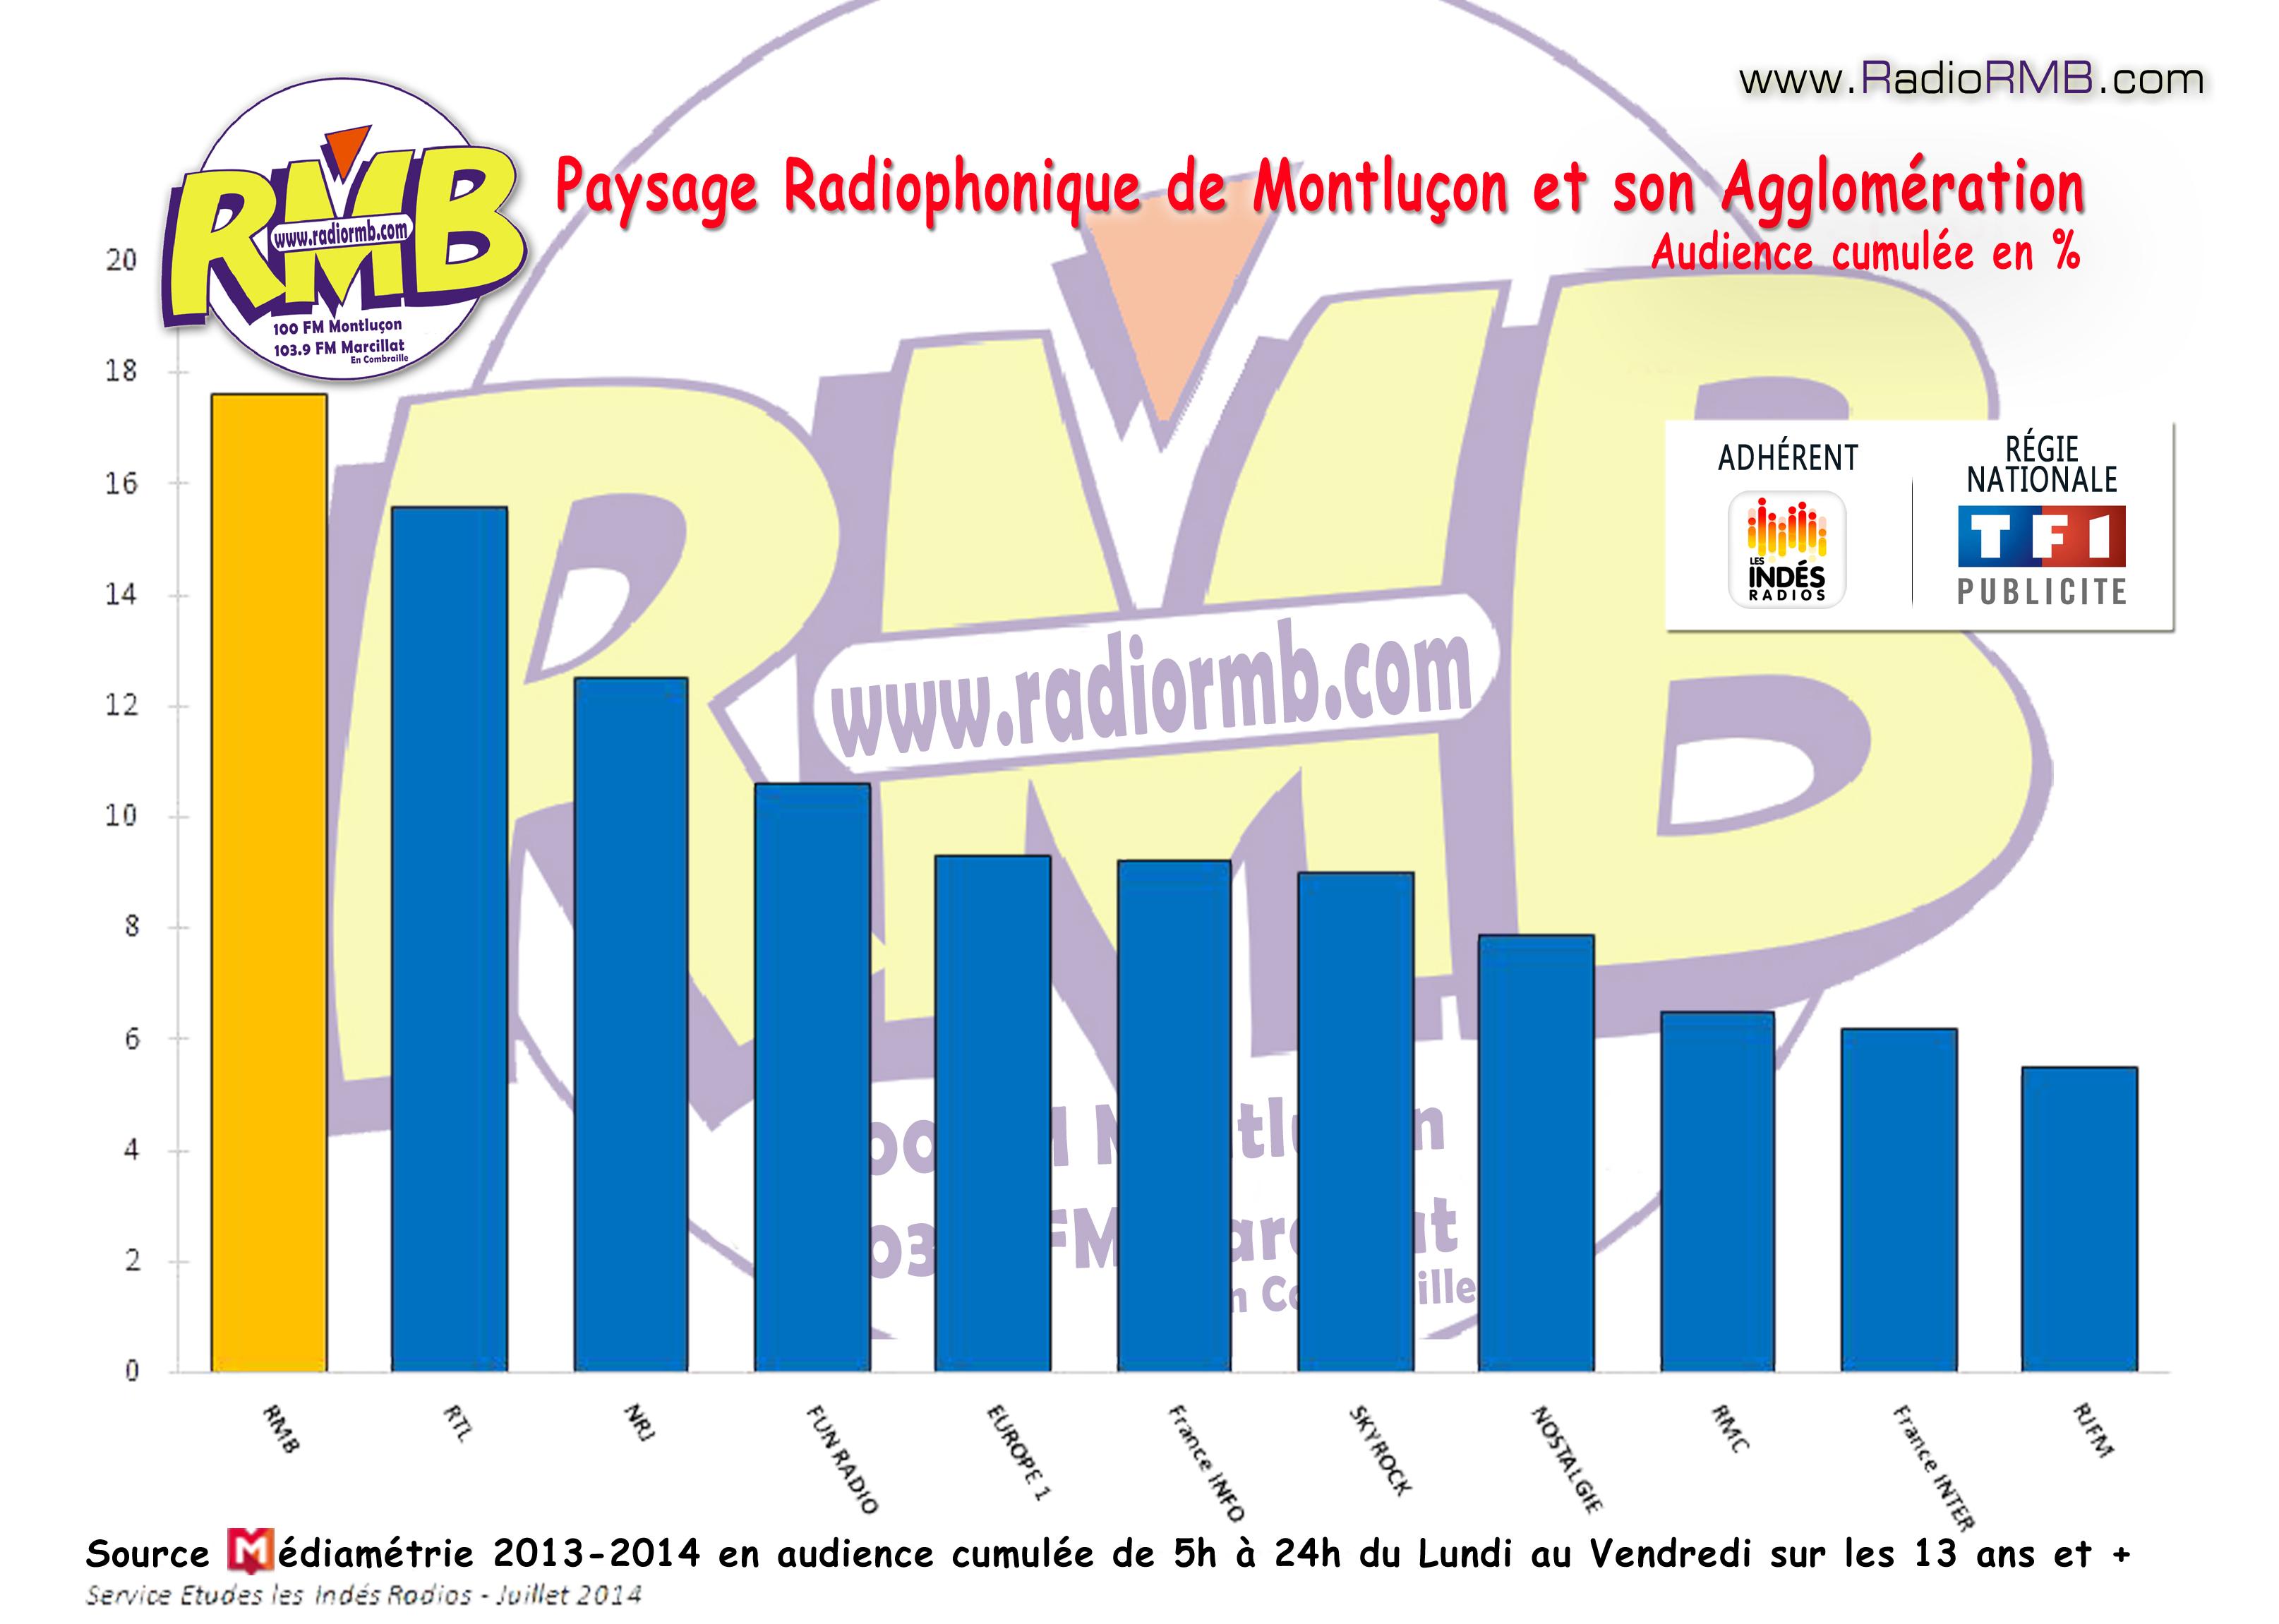 RMB Radio N�1 sur Montlu�on et son Agglom�ration